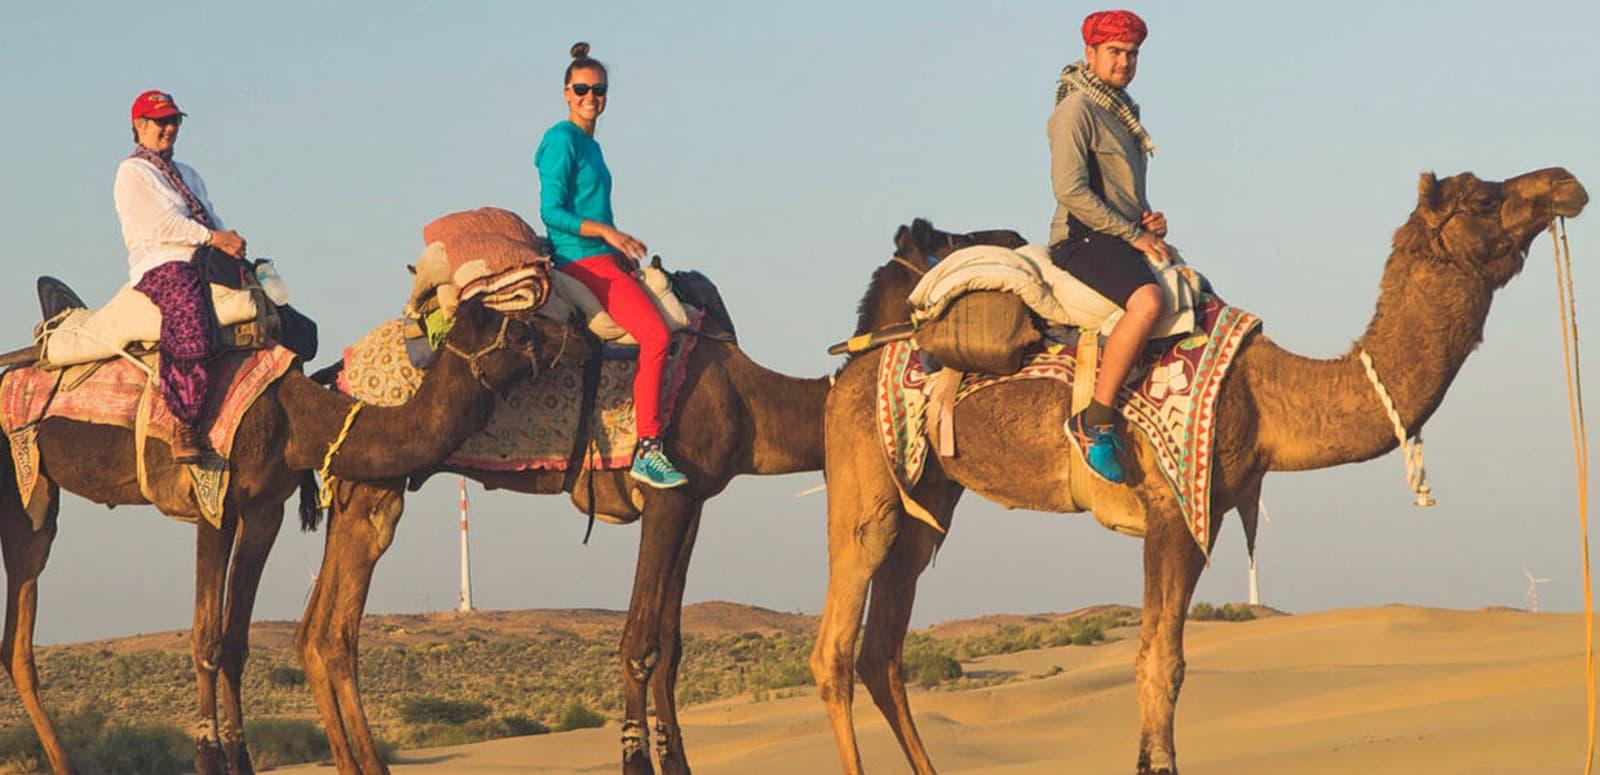 Hasil gambar untuk camel safari desert